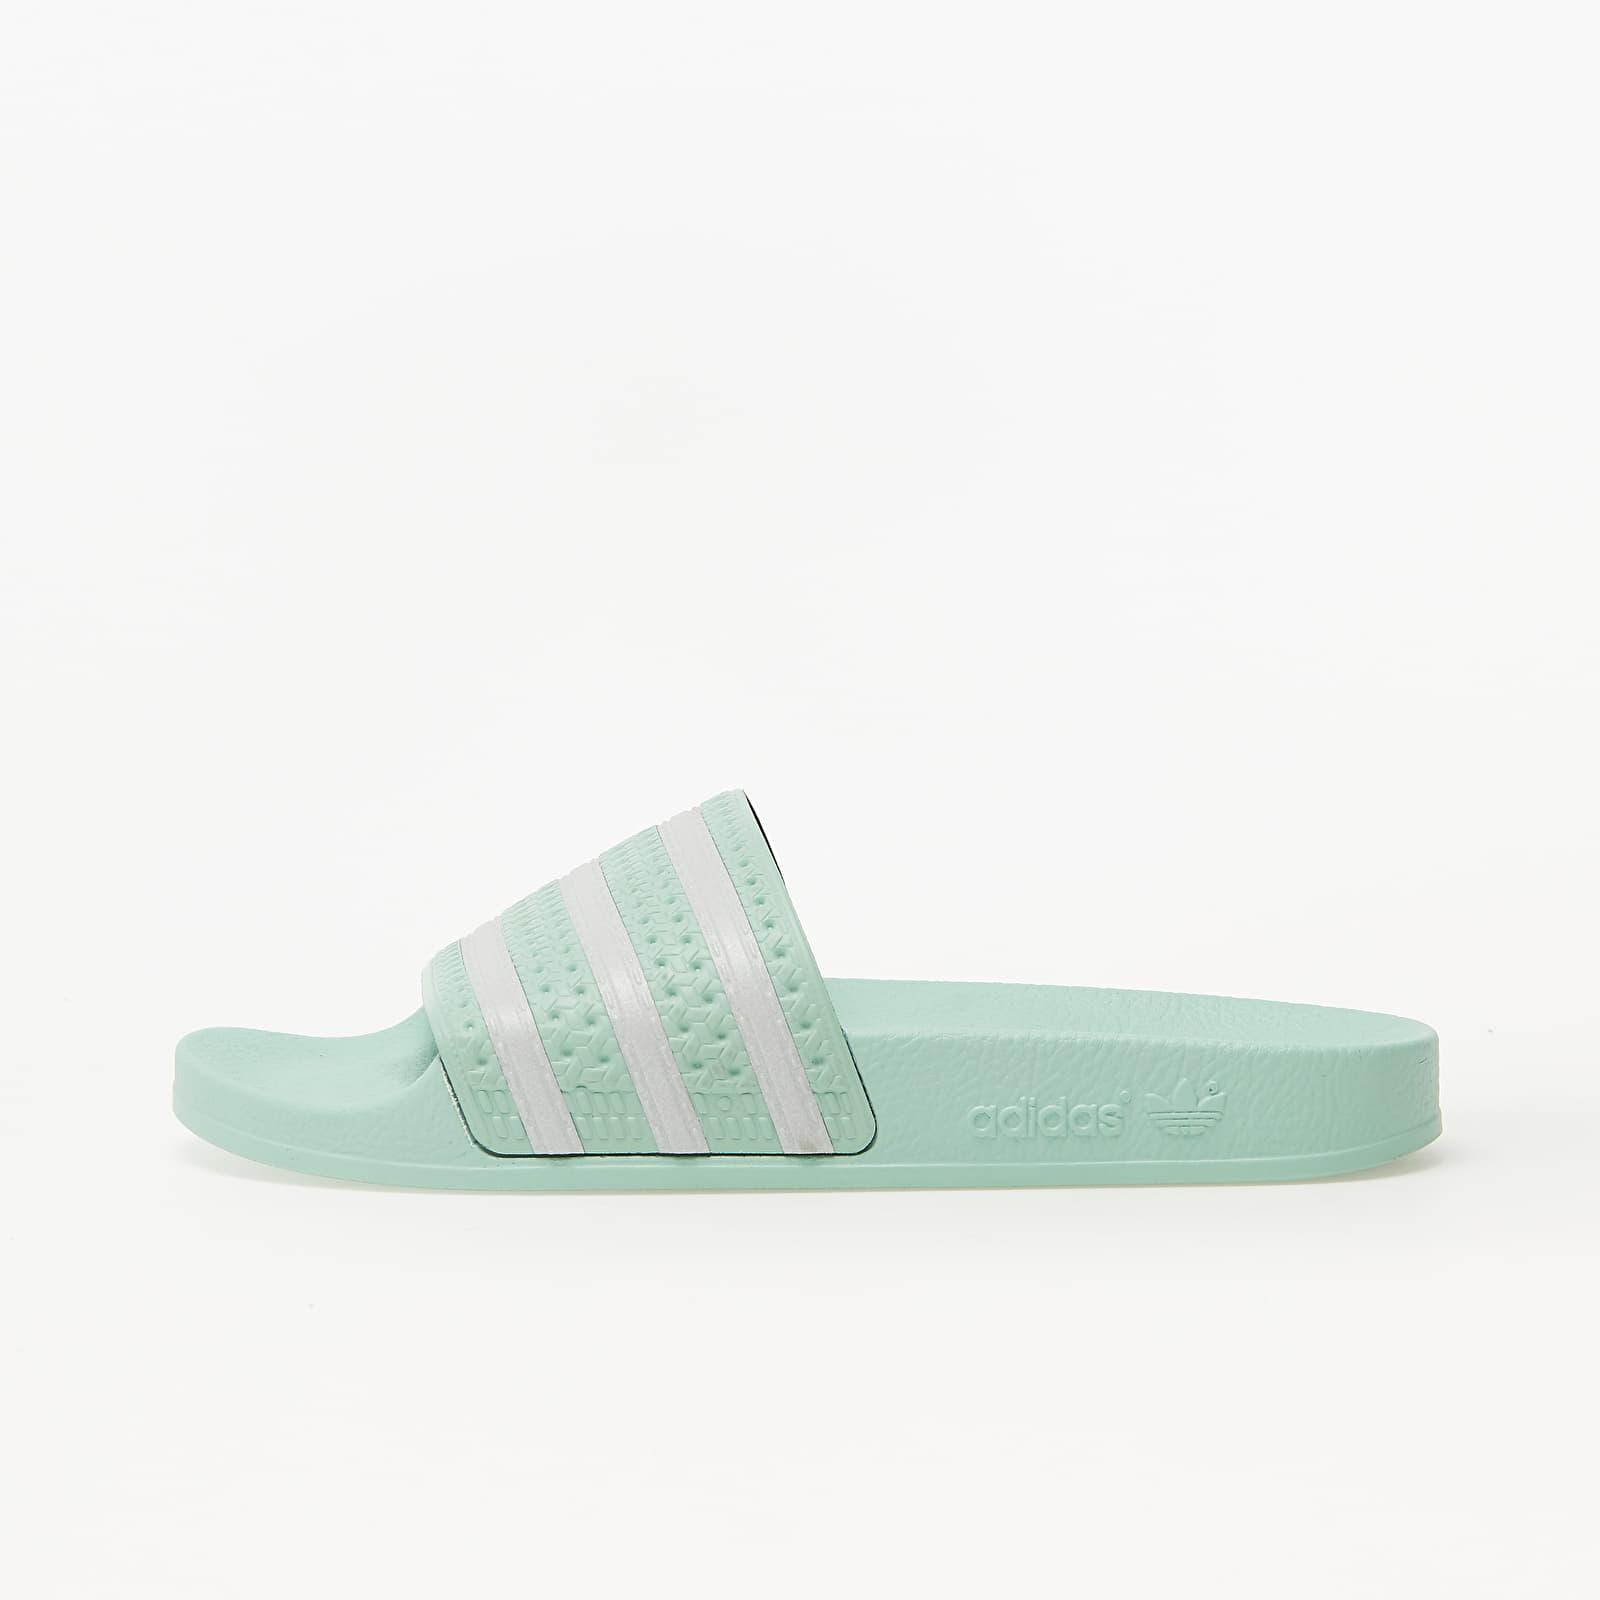 Férfi cipők adidas Adilette Blur Green/ Supplier Colour/ Blur Green